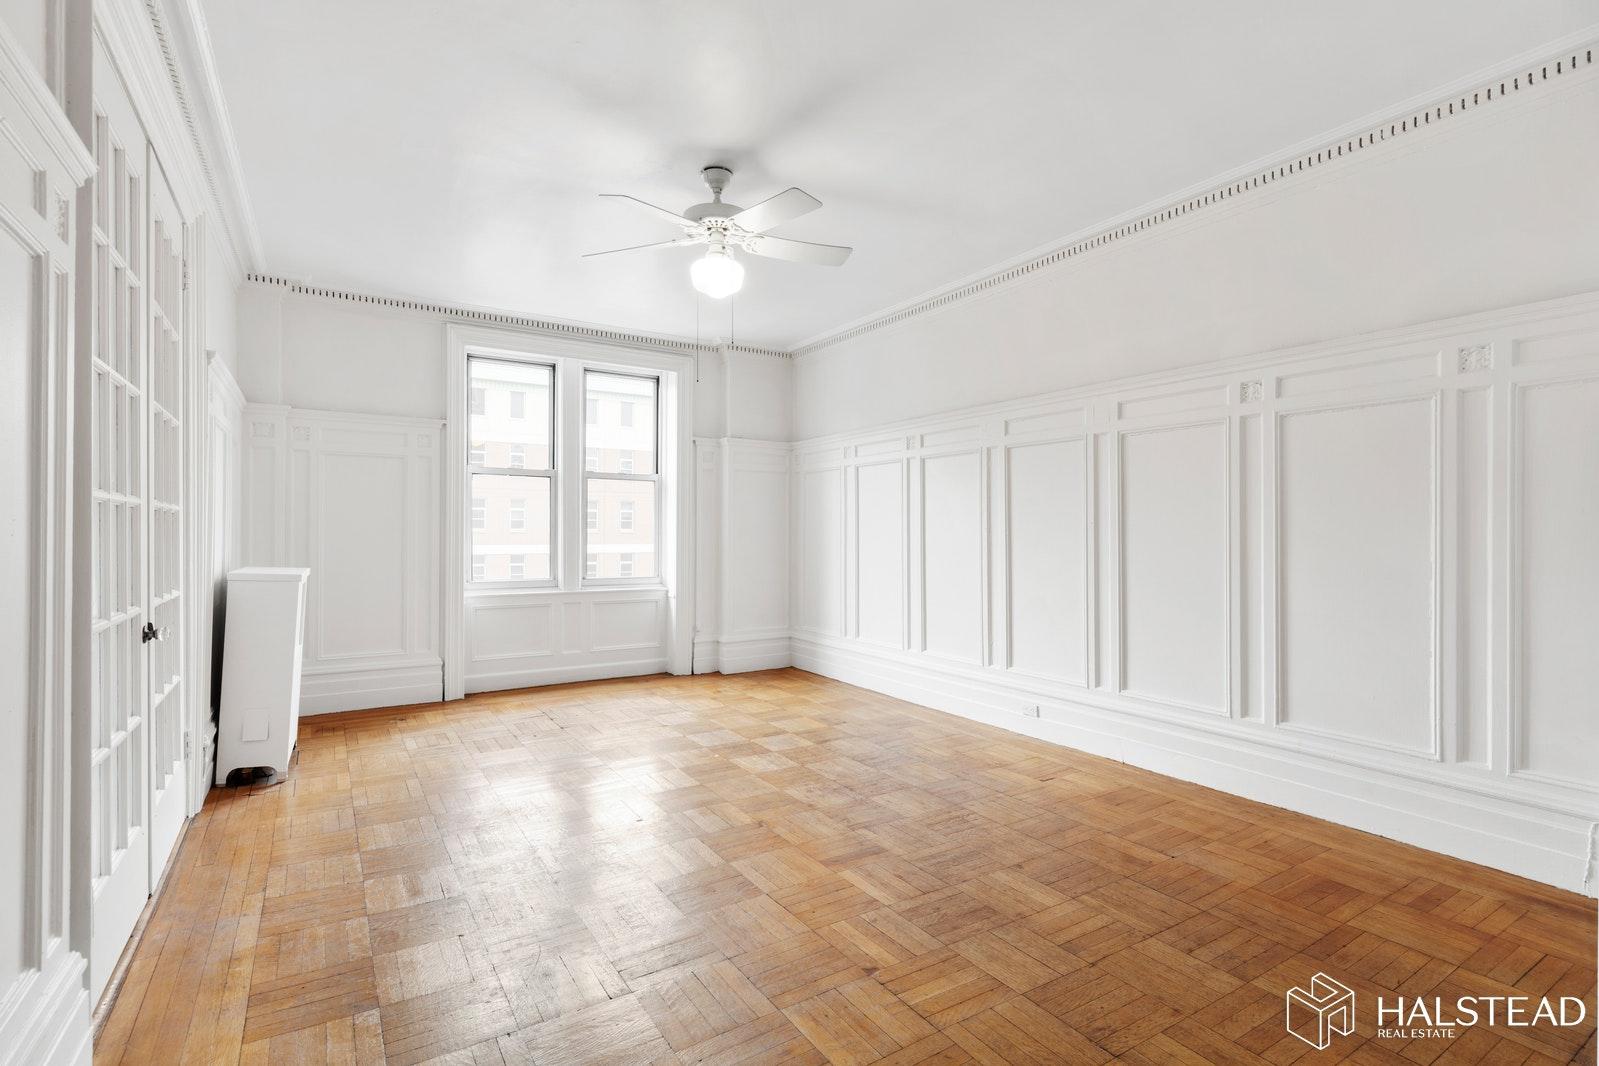 600 WEST 115TH STREET 63, Upper West Side, $1,695,000, Web #: 20101127